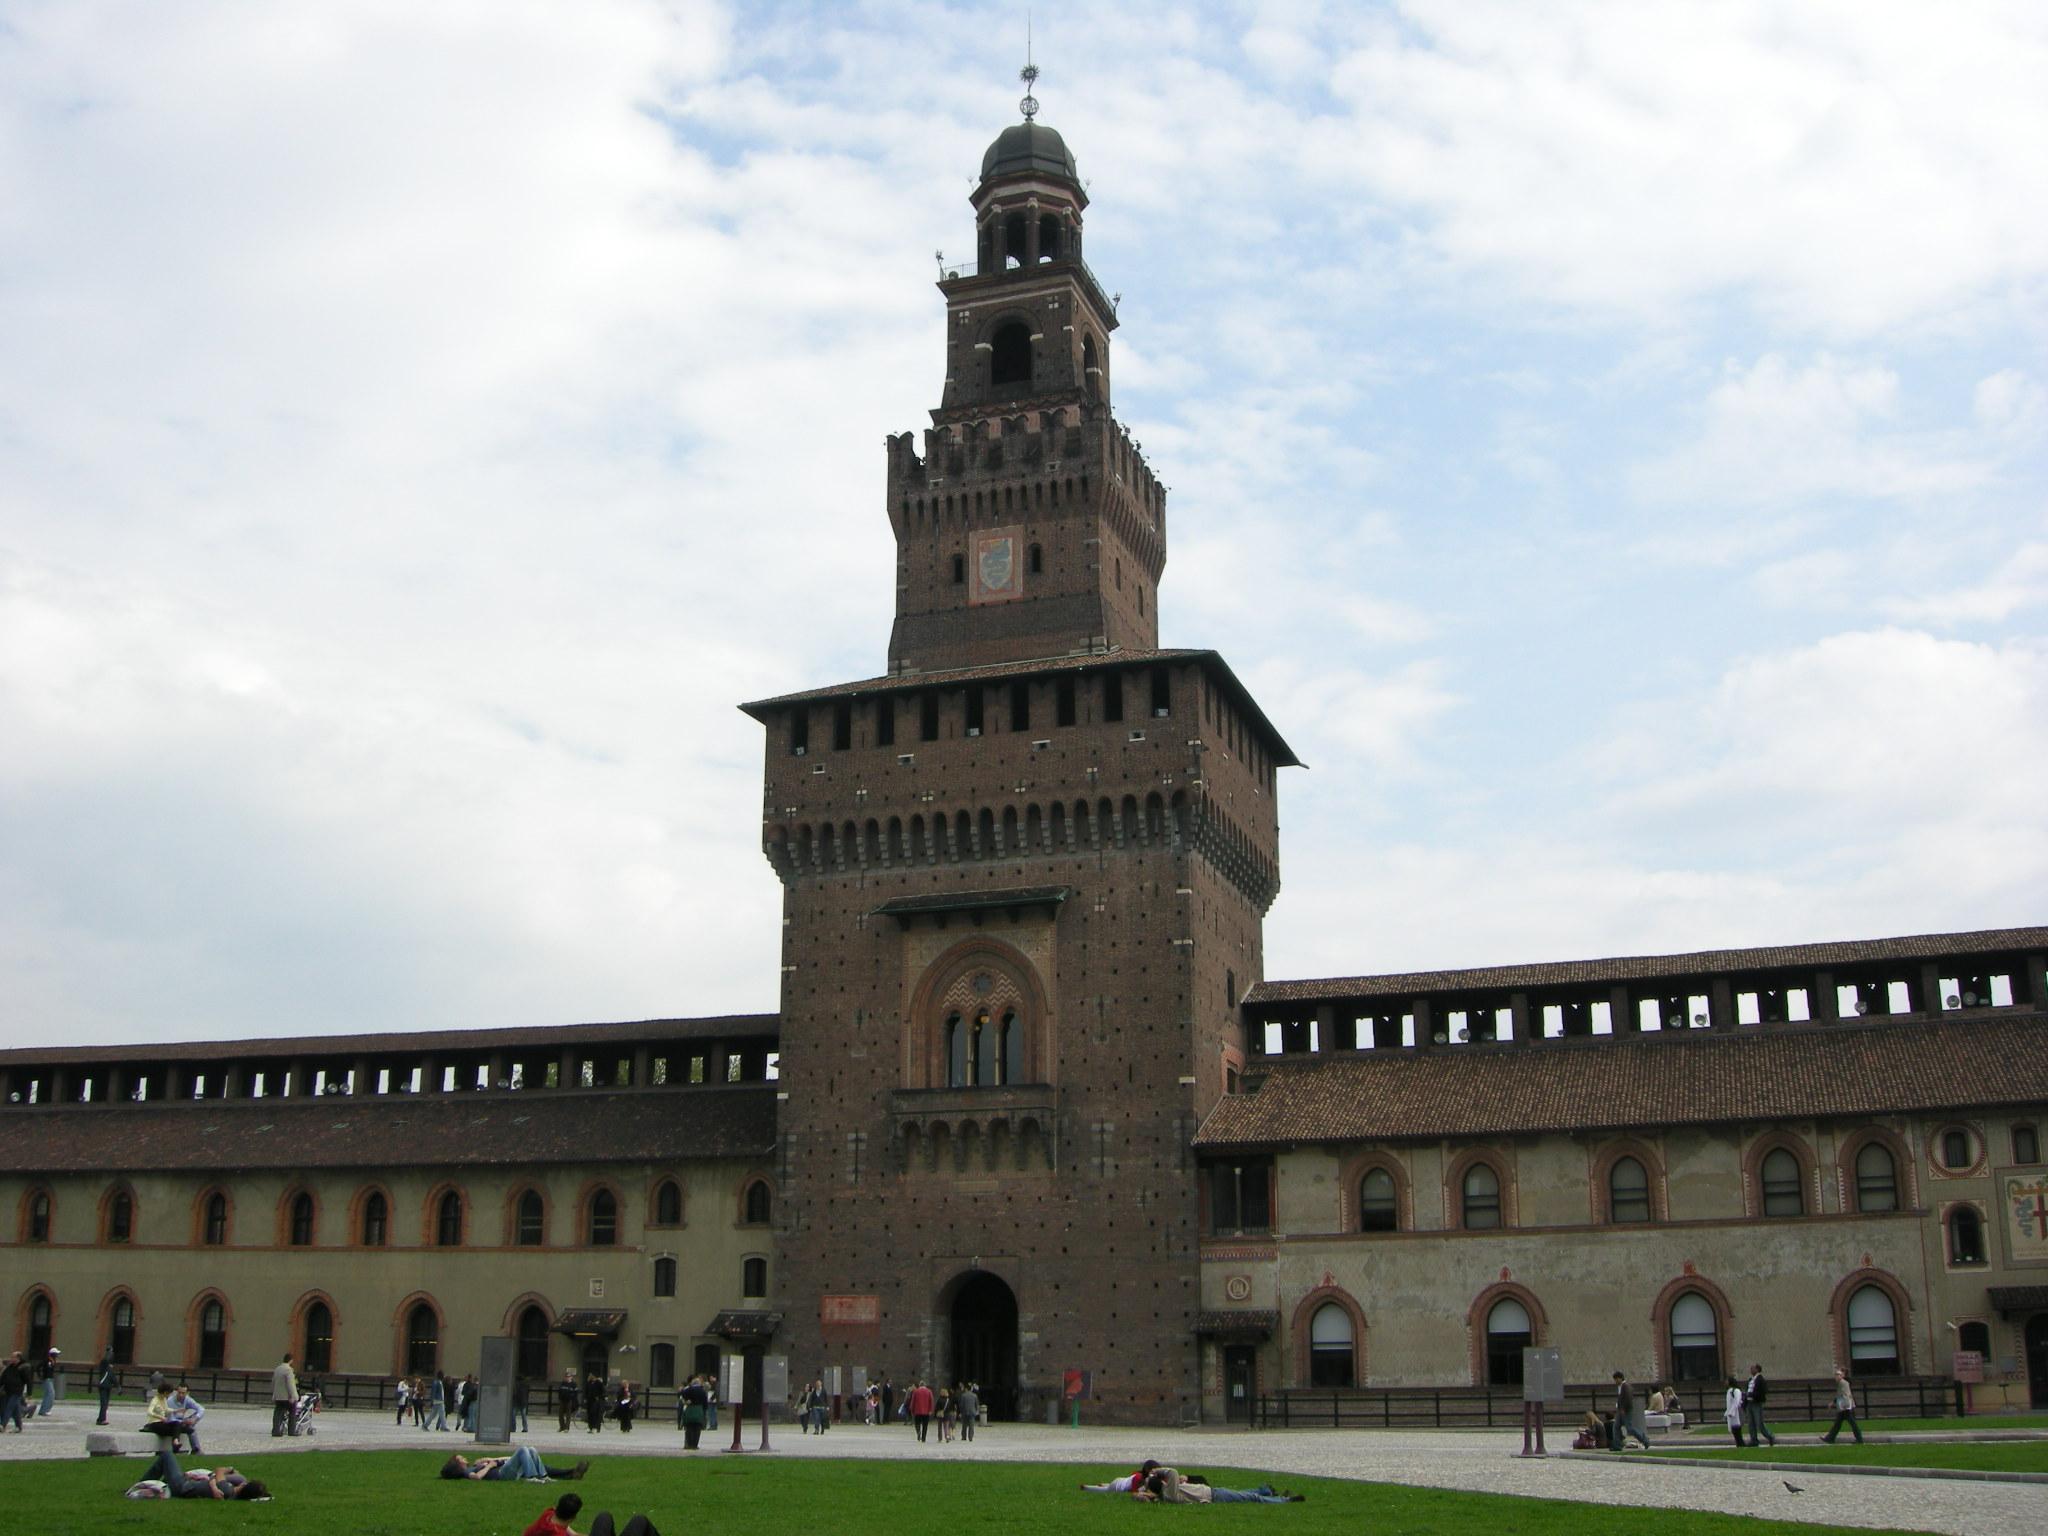 File:Castello Sforzesco (Milan) - Courtyard 00.JPG